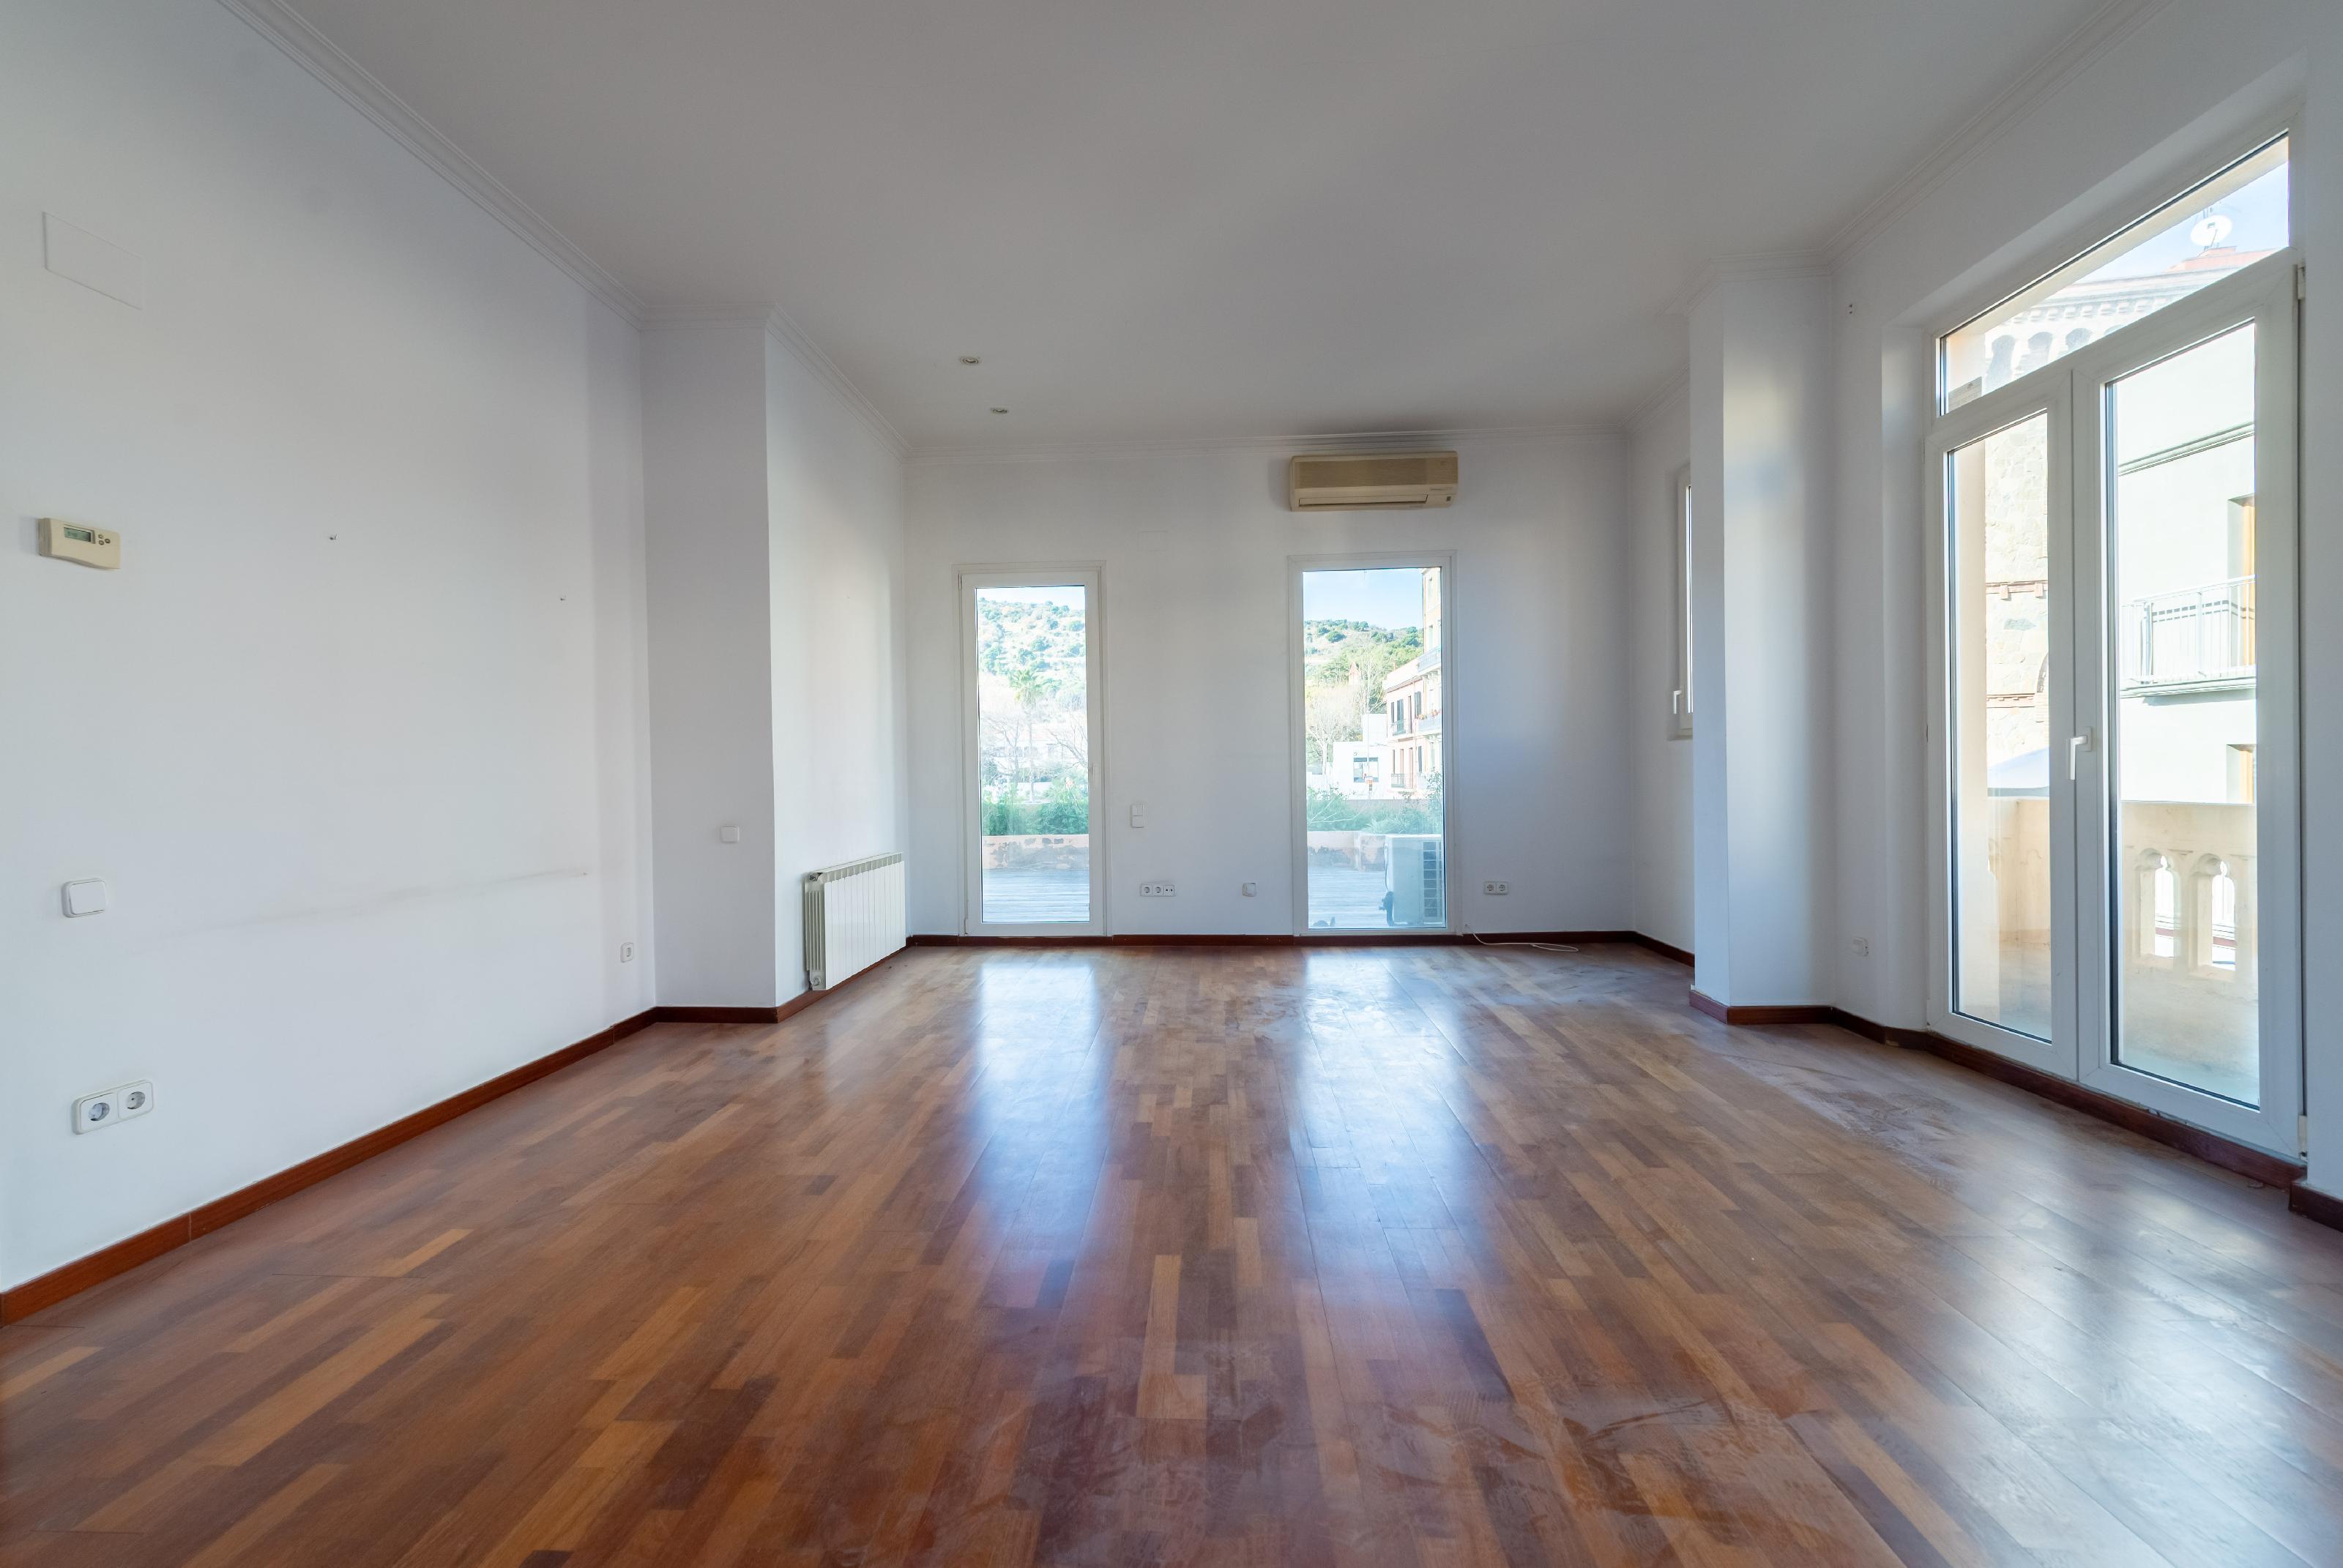 246020 Flat for sale in Sarrià-Sant Gervasi, Sarrià 11